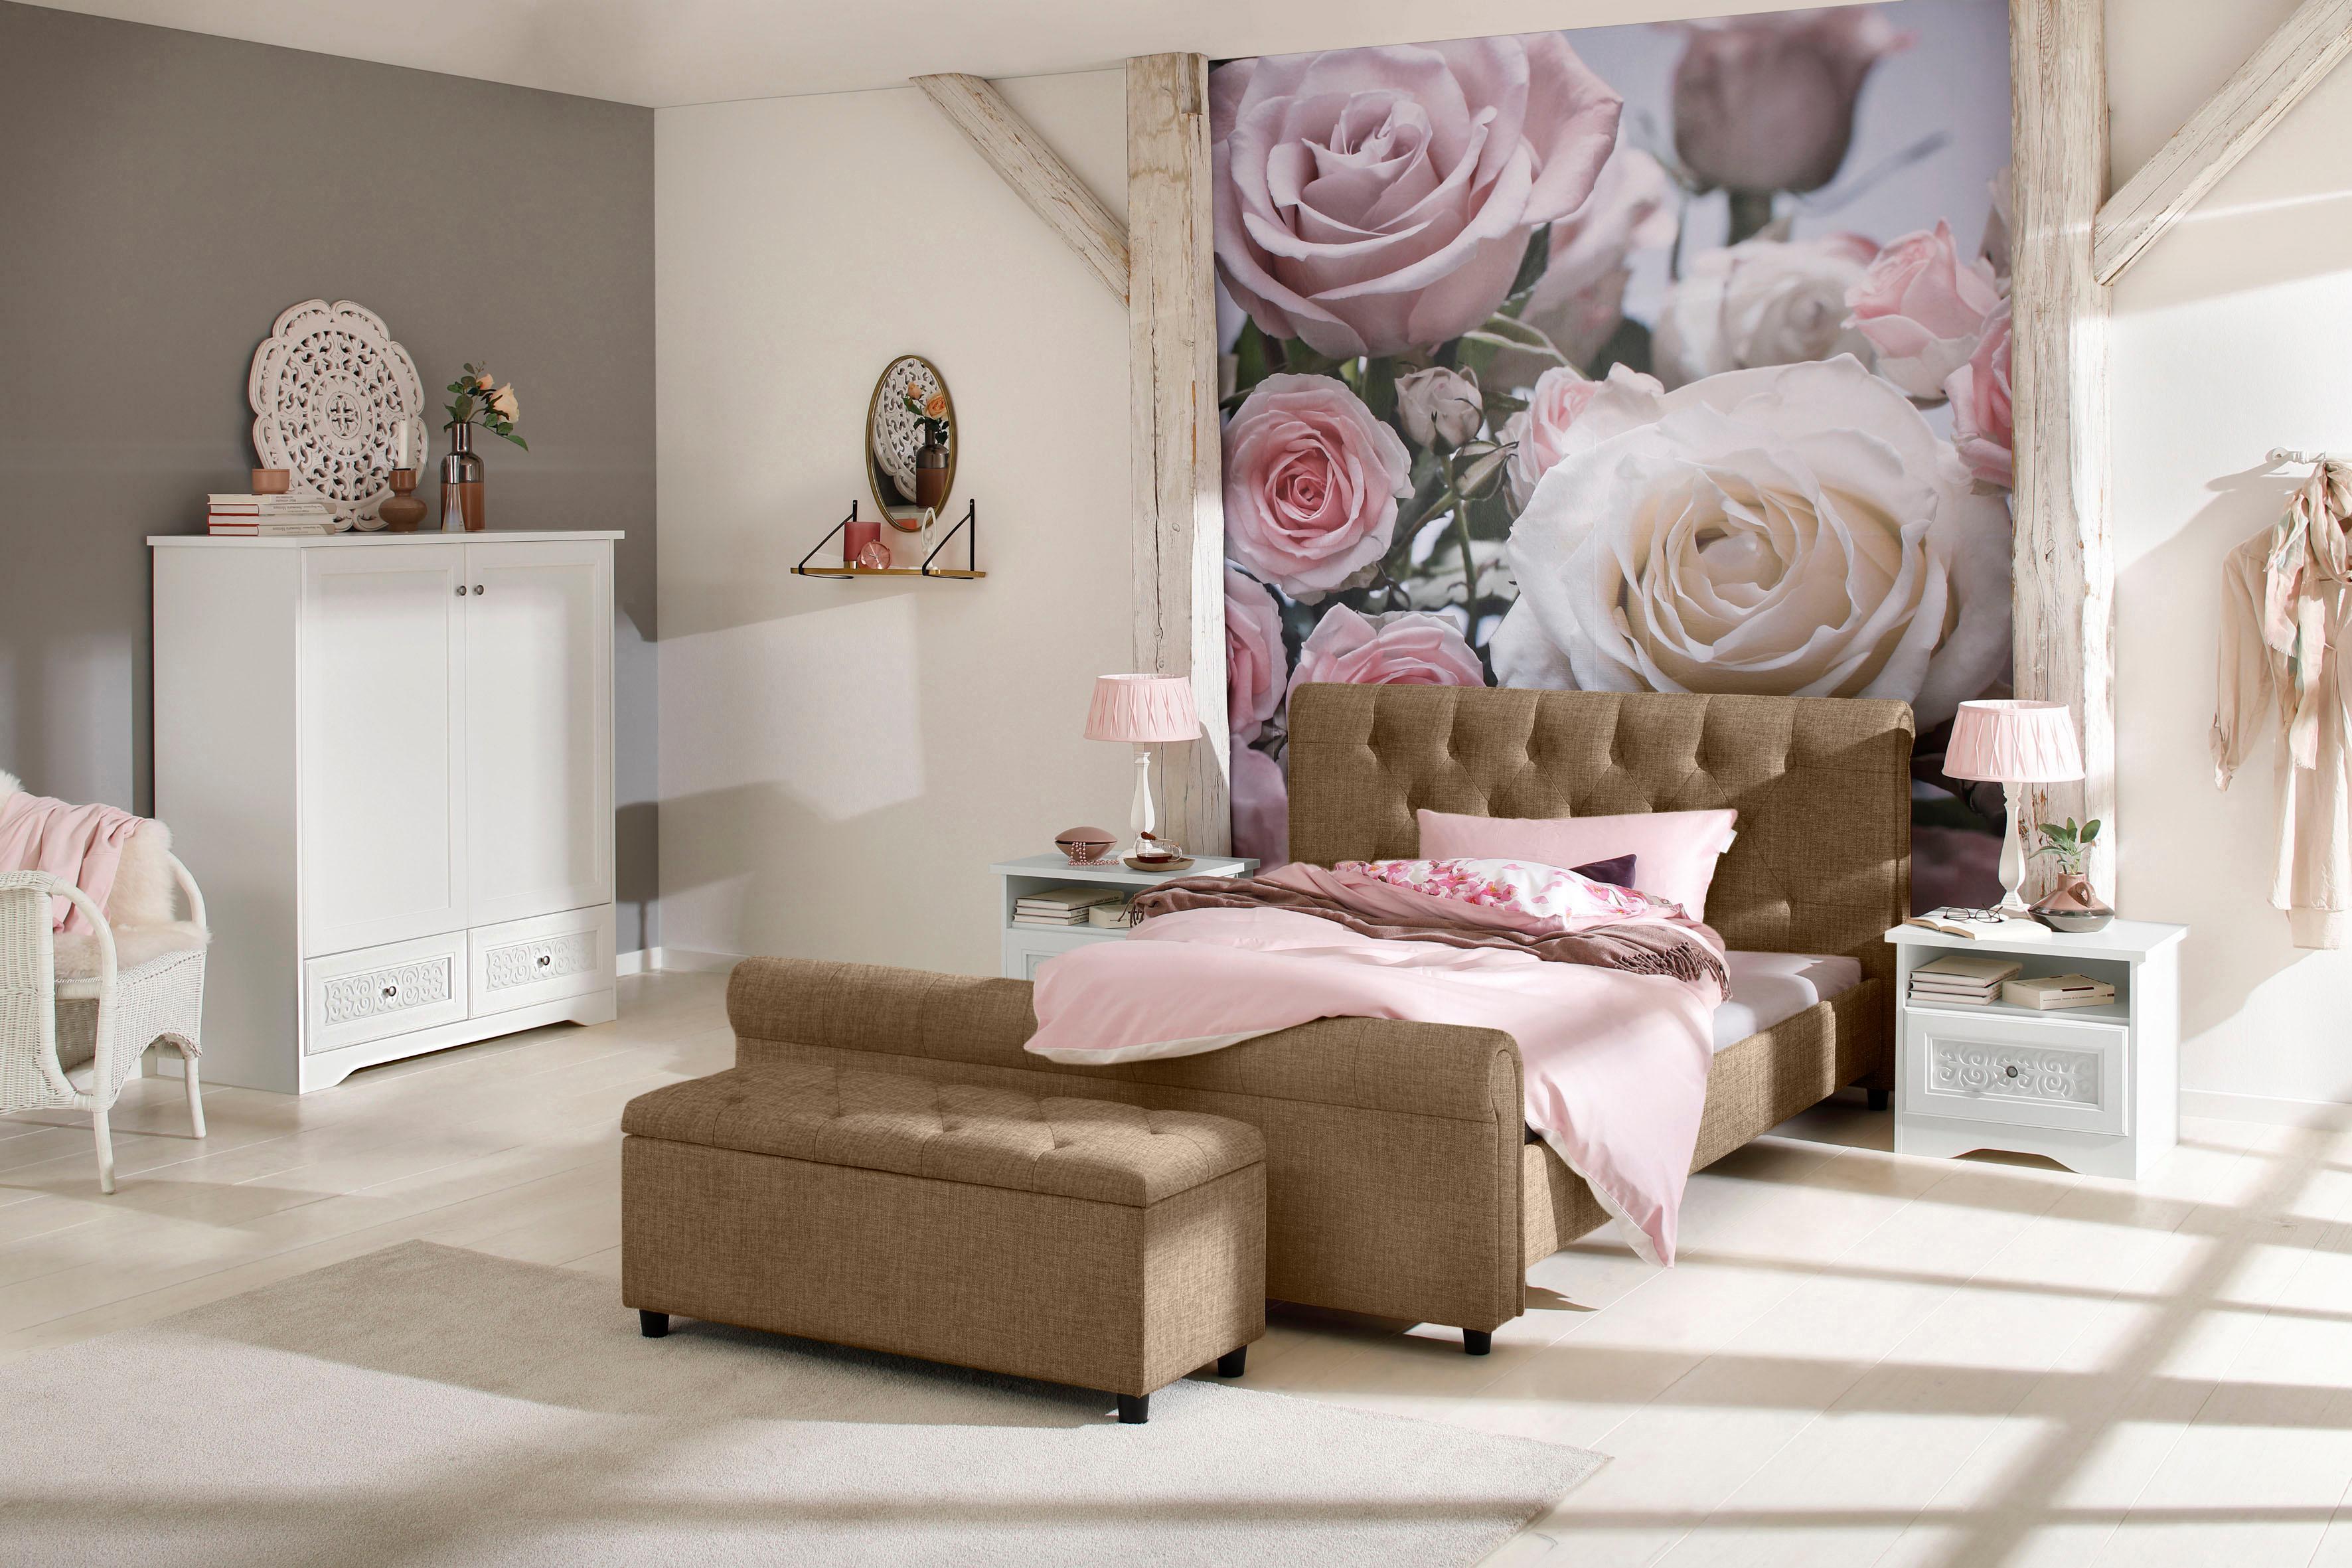 Home affaire Polsterbett »Goronna« in 5 verschiedenen Farben und 4 Breiten